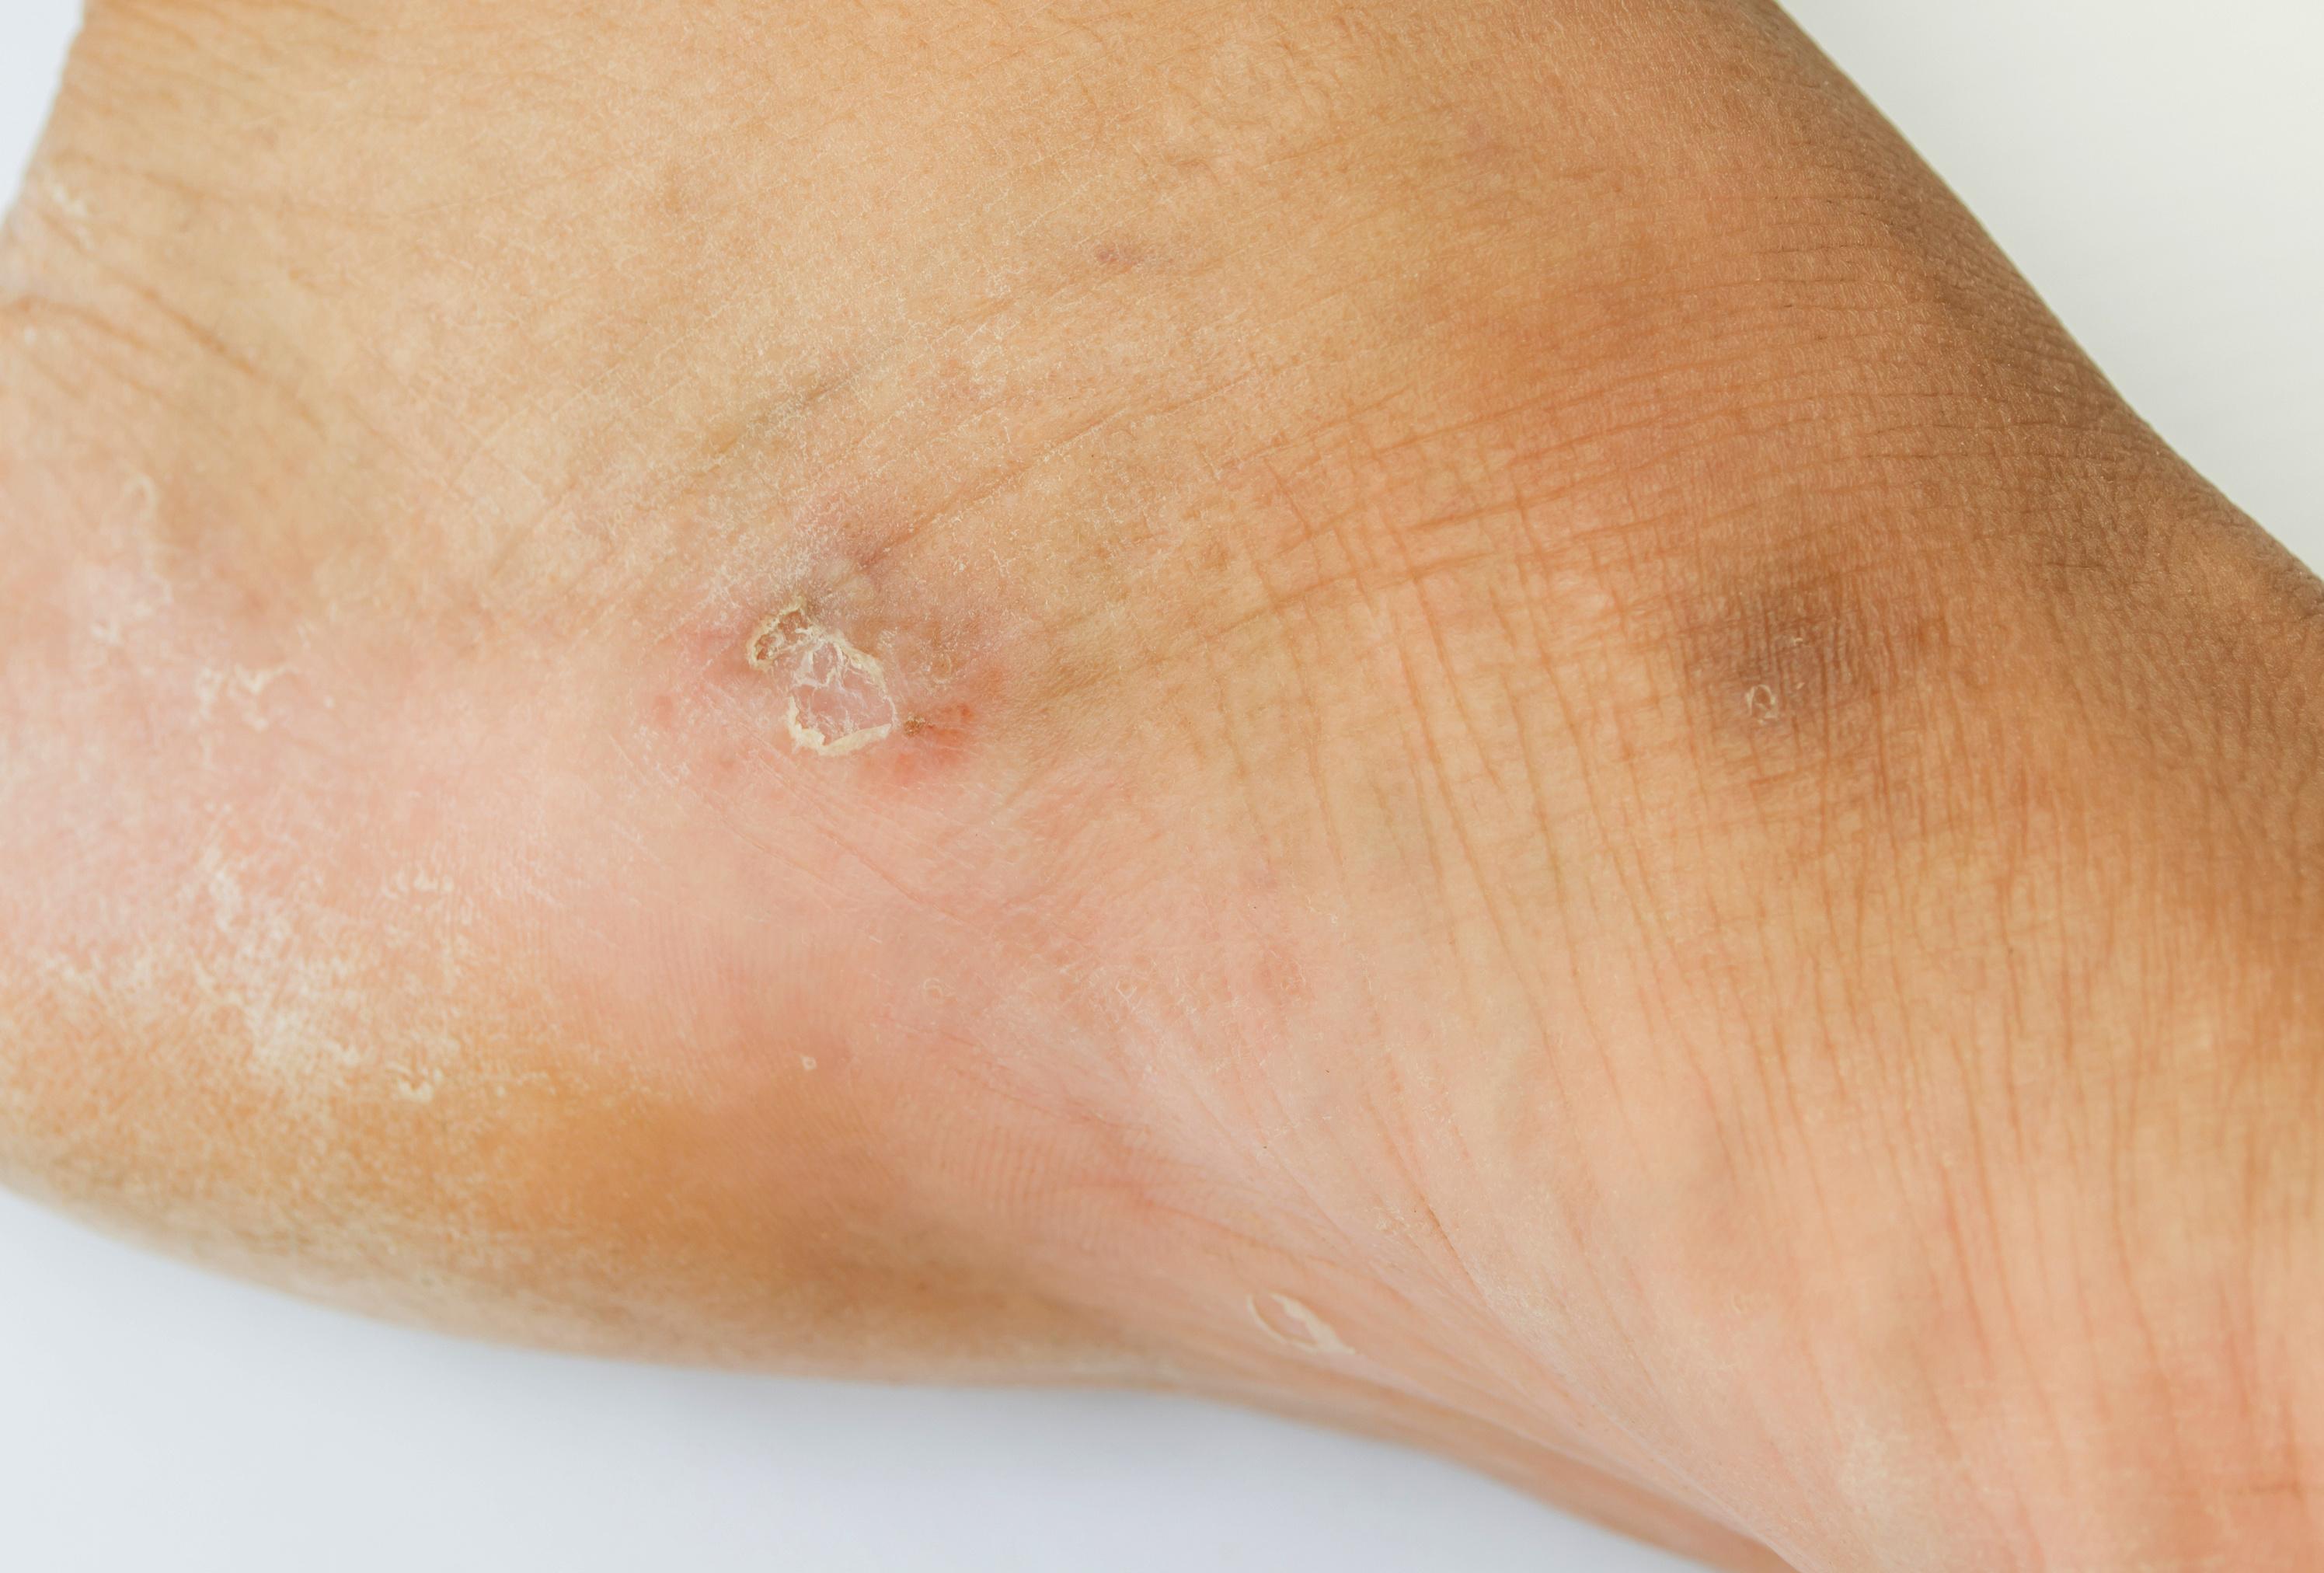 apró piros foltok viszketnek a lábakon relapszus ellenes pikkelysmr kezels